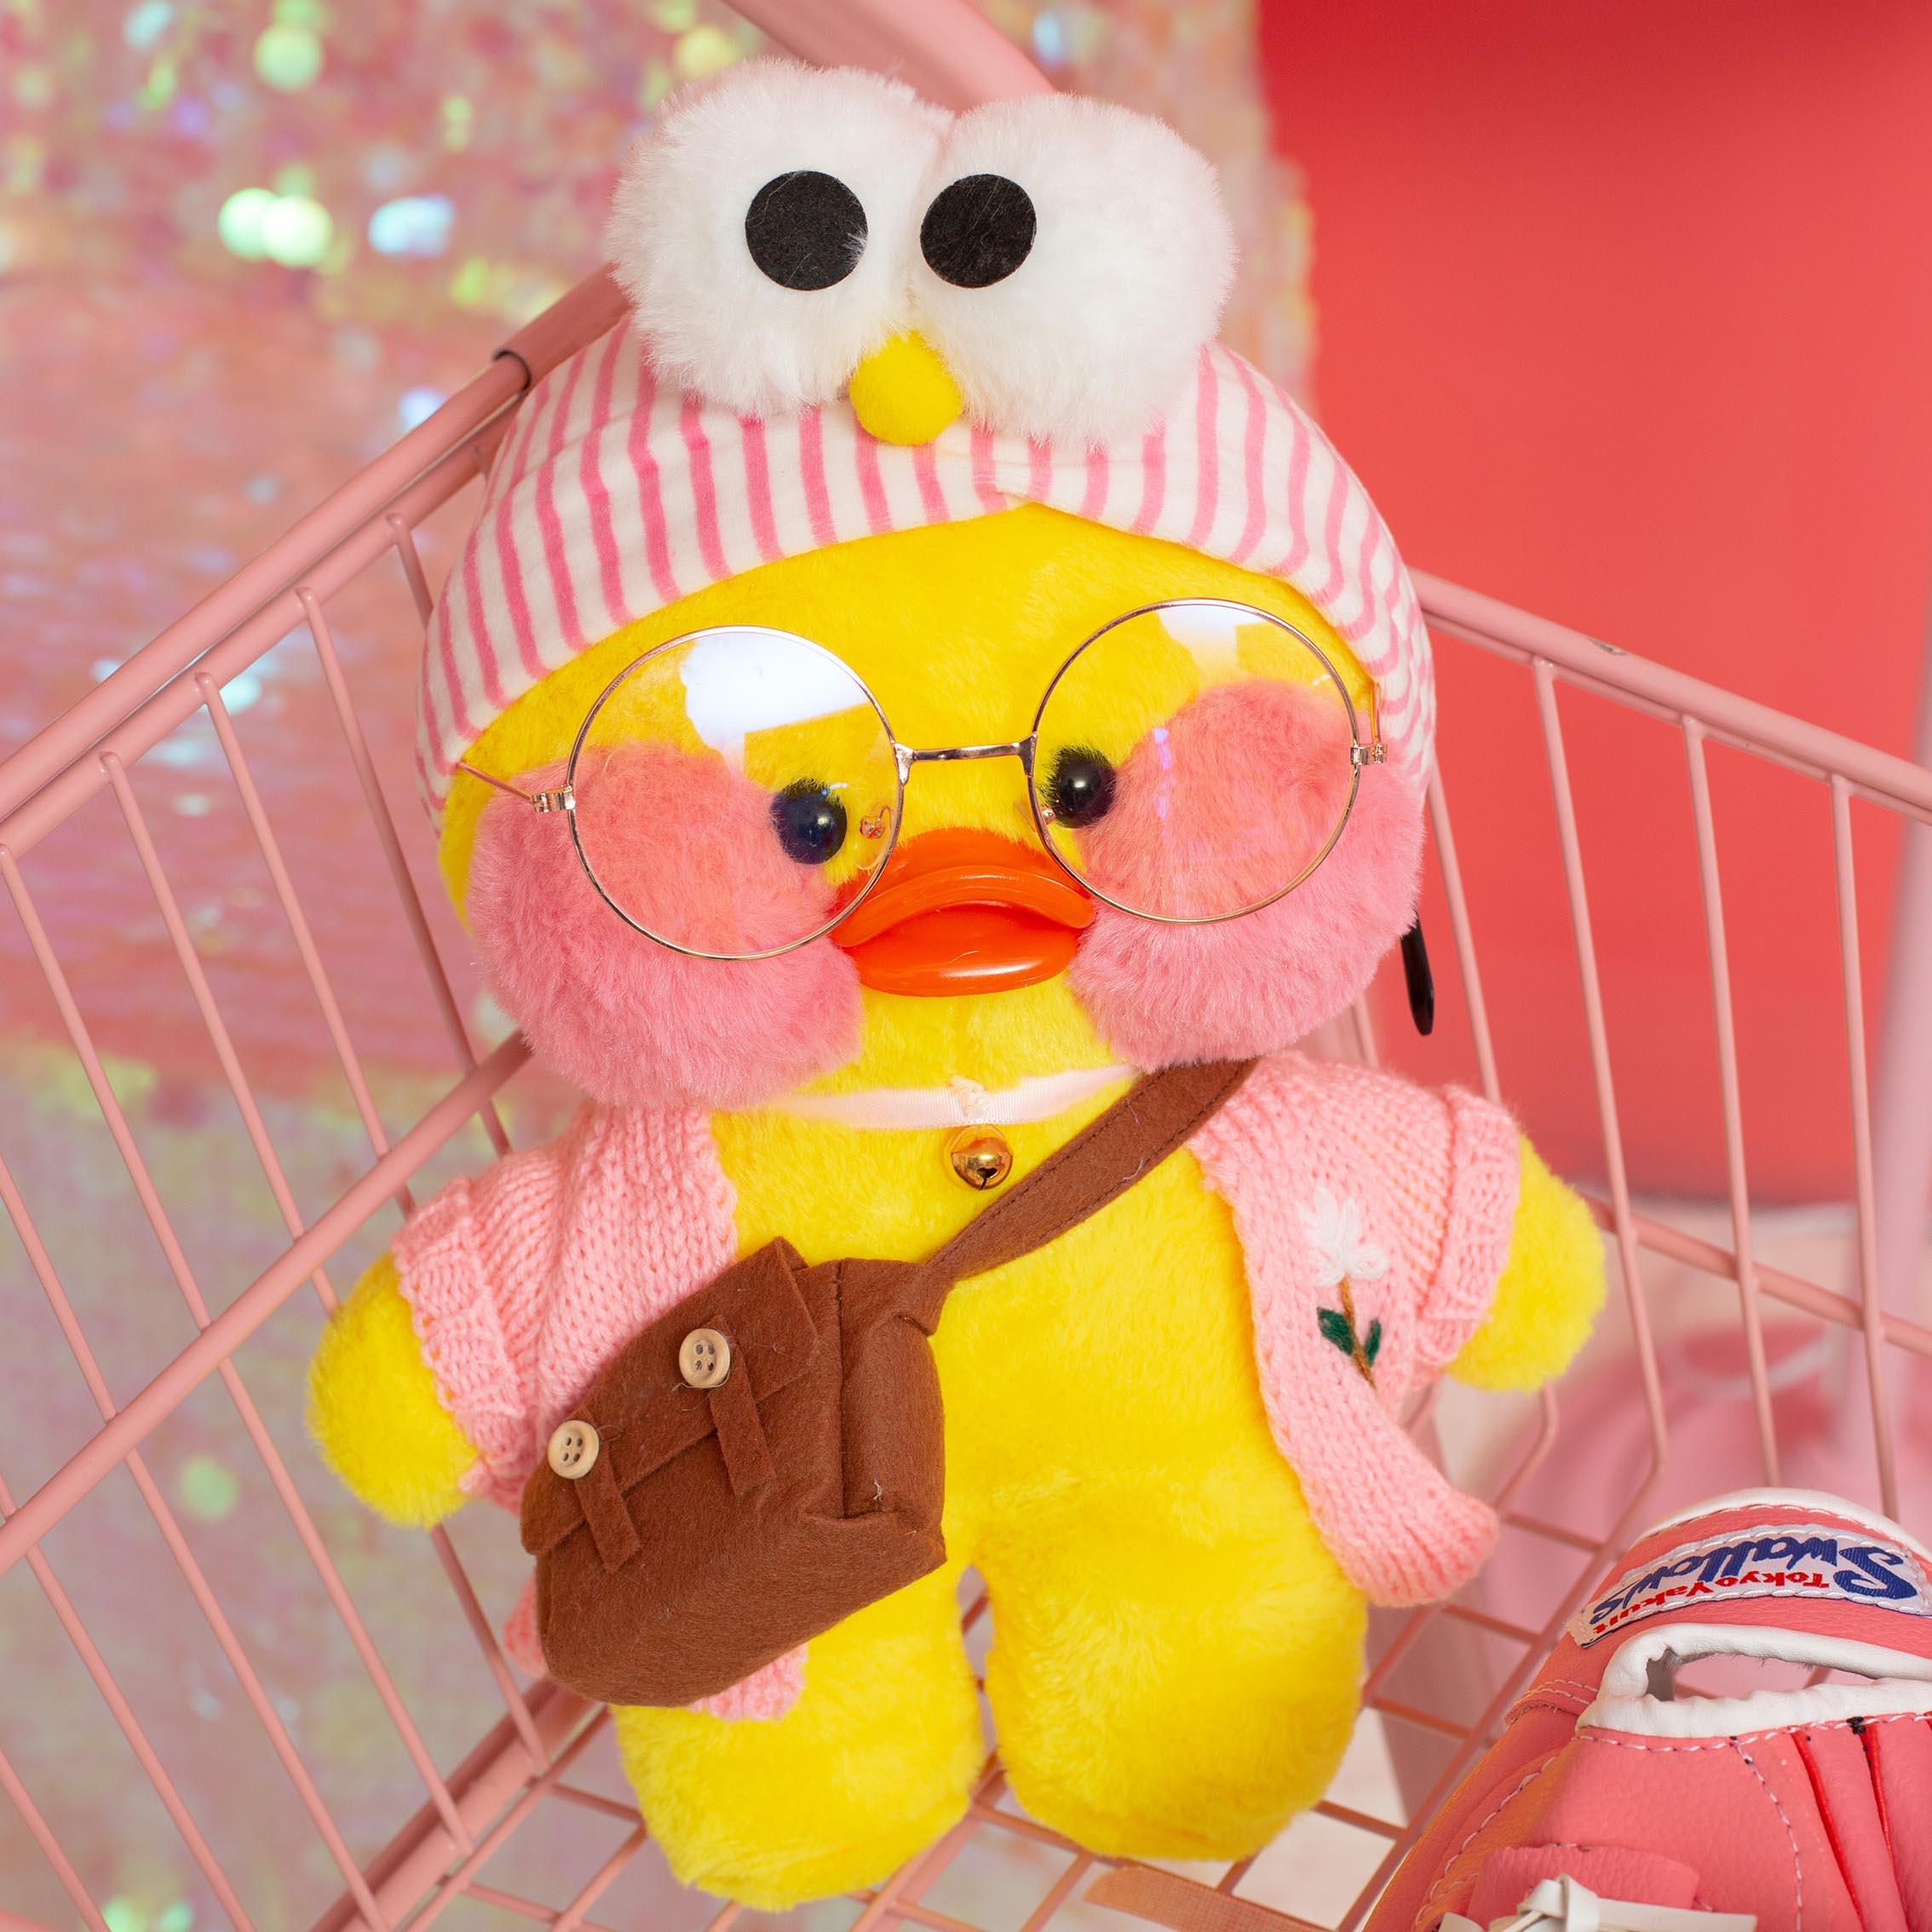 韩国网红玻尿酸小黄鸭玩偶公仔鸭子毛绒玩具公仔布娃娃生日礼物女